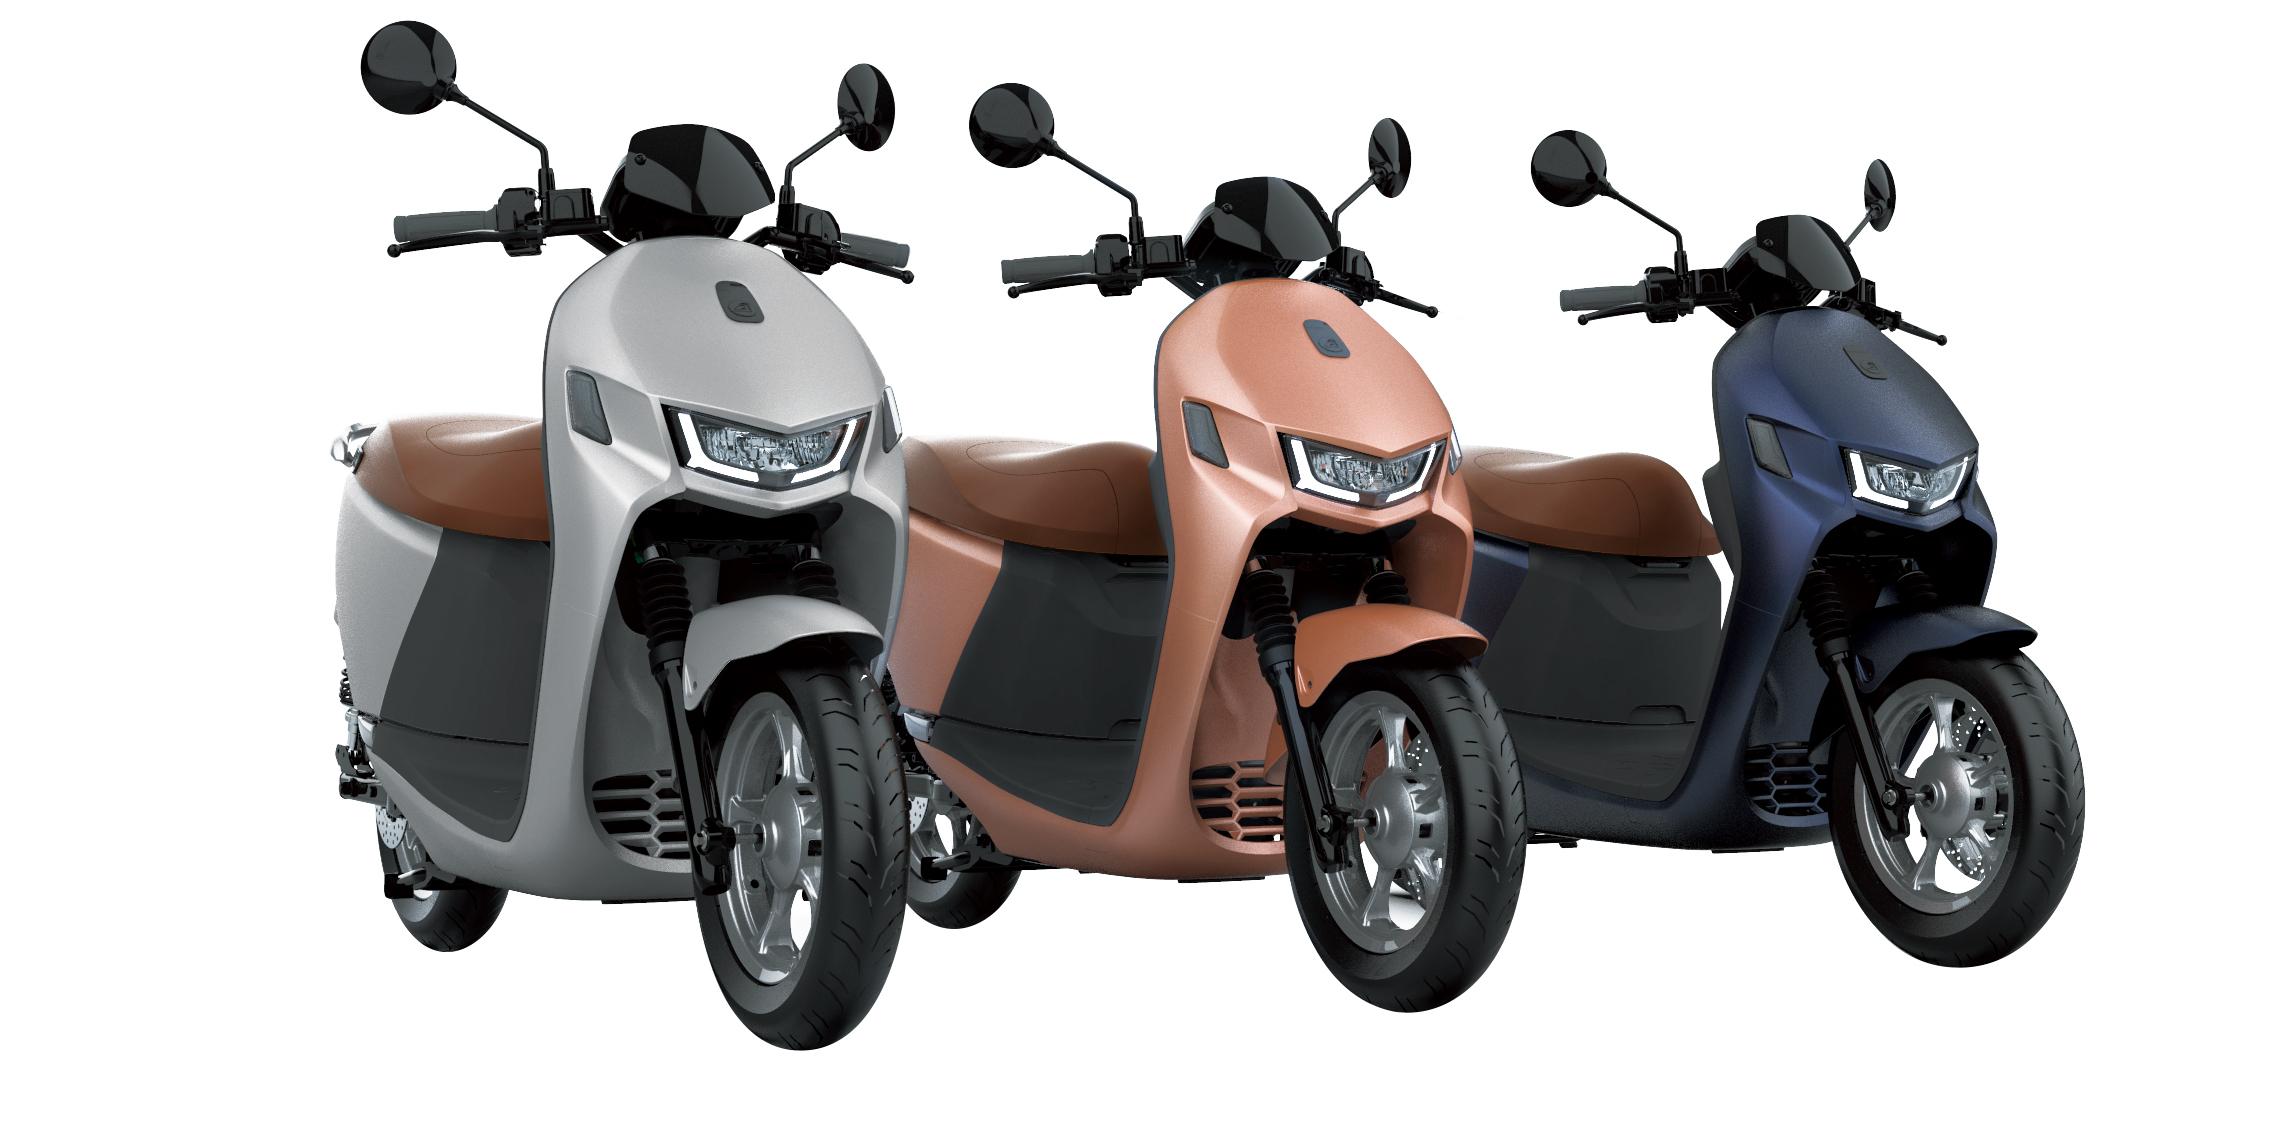 Ai-1 Comfort+ 推出閃亮銀、玫瑰金、星空藍三種選擇,售價 84,800 元。